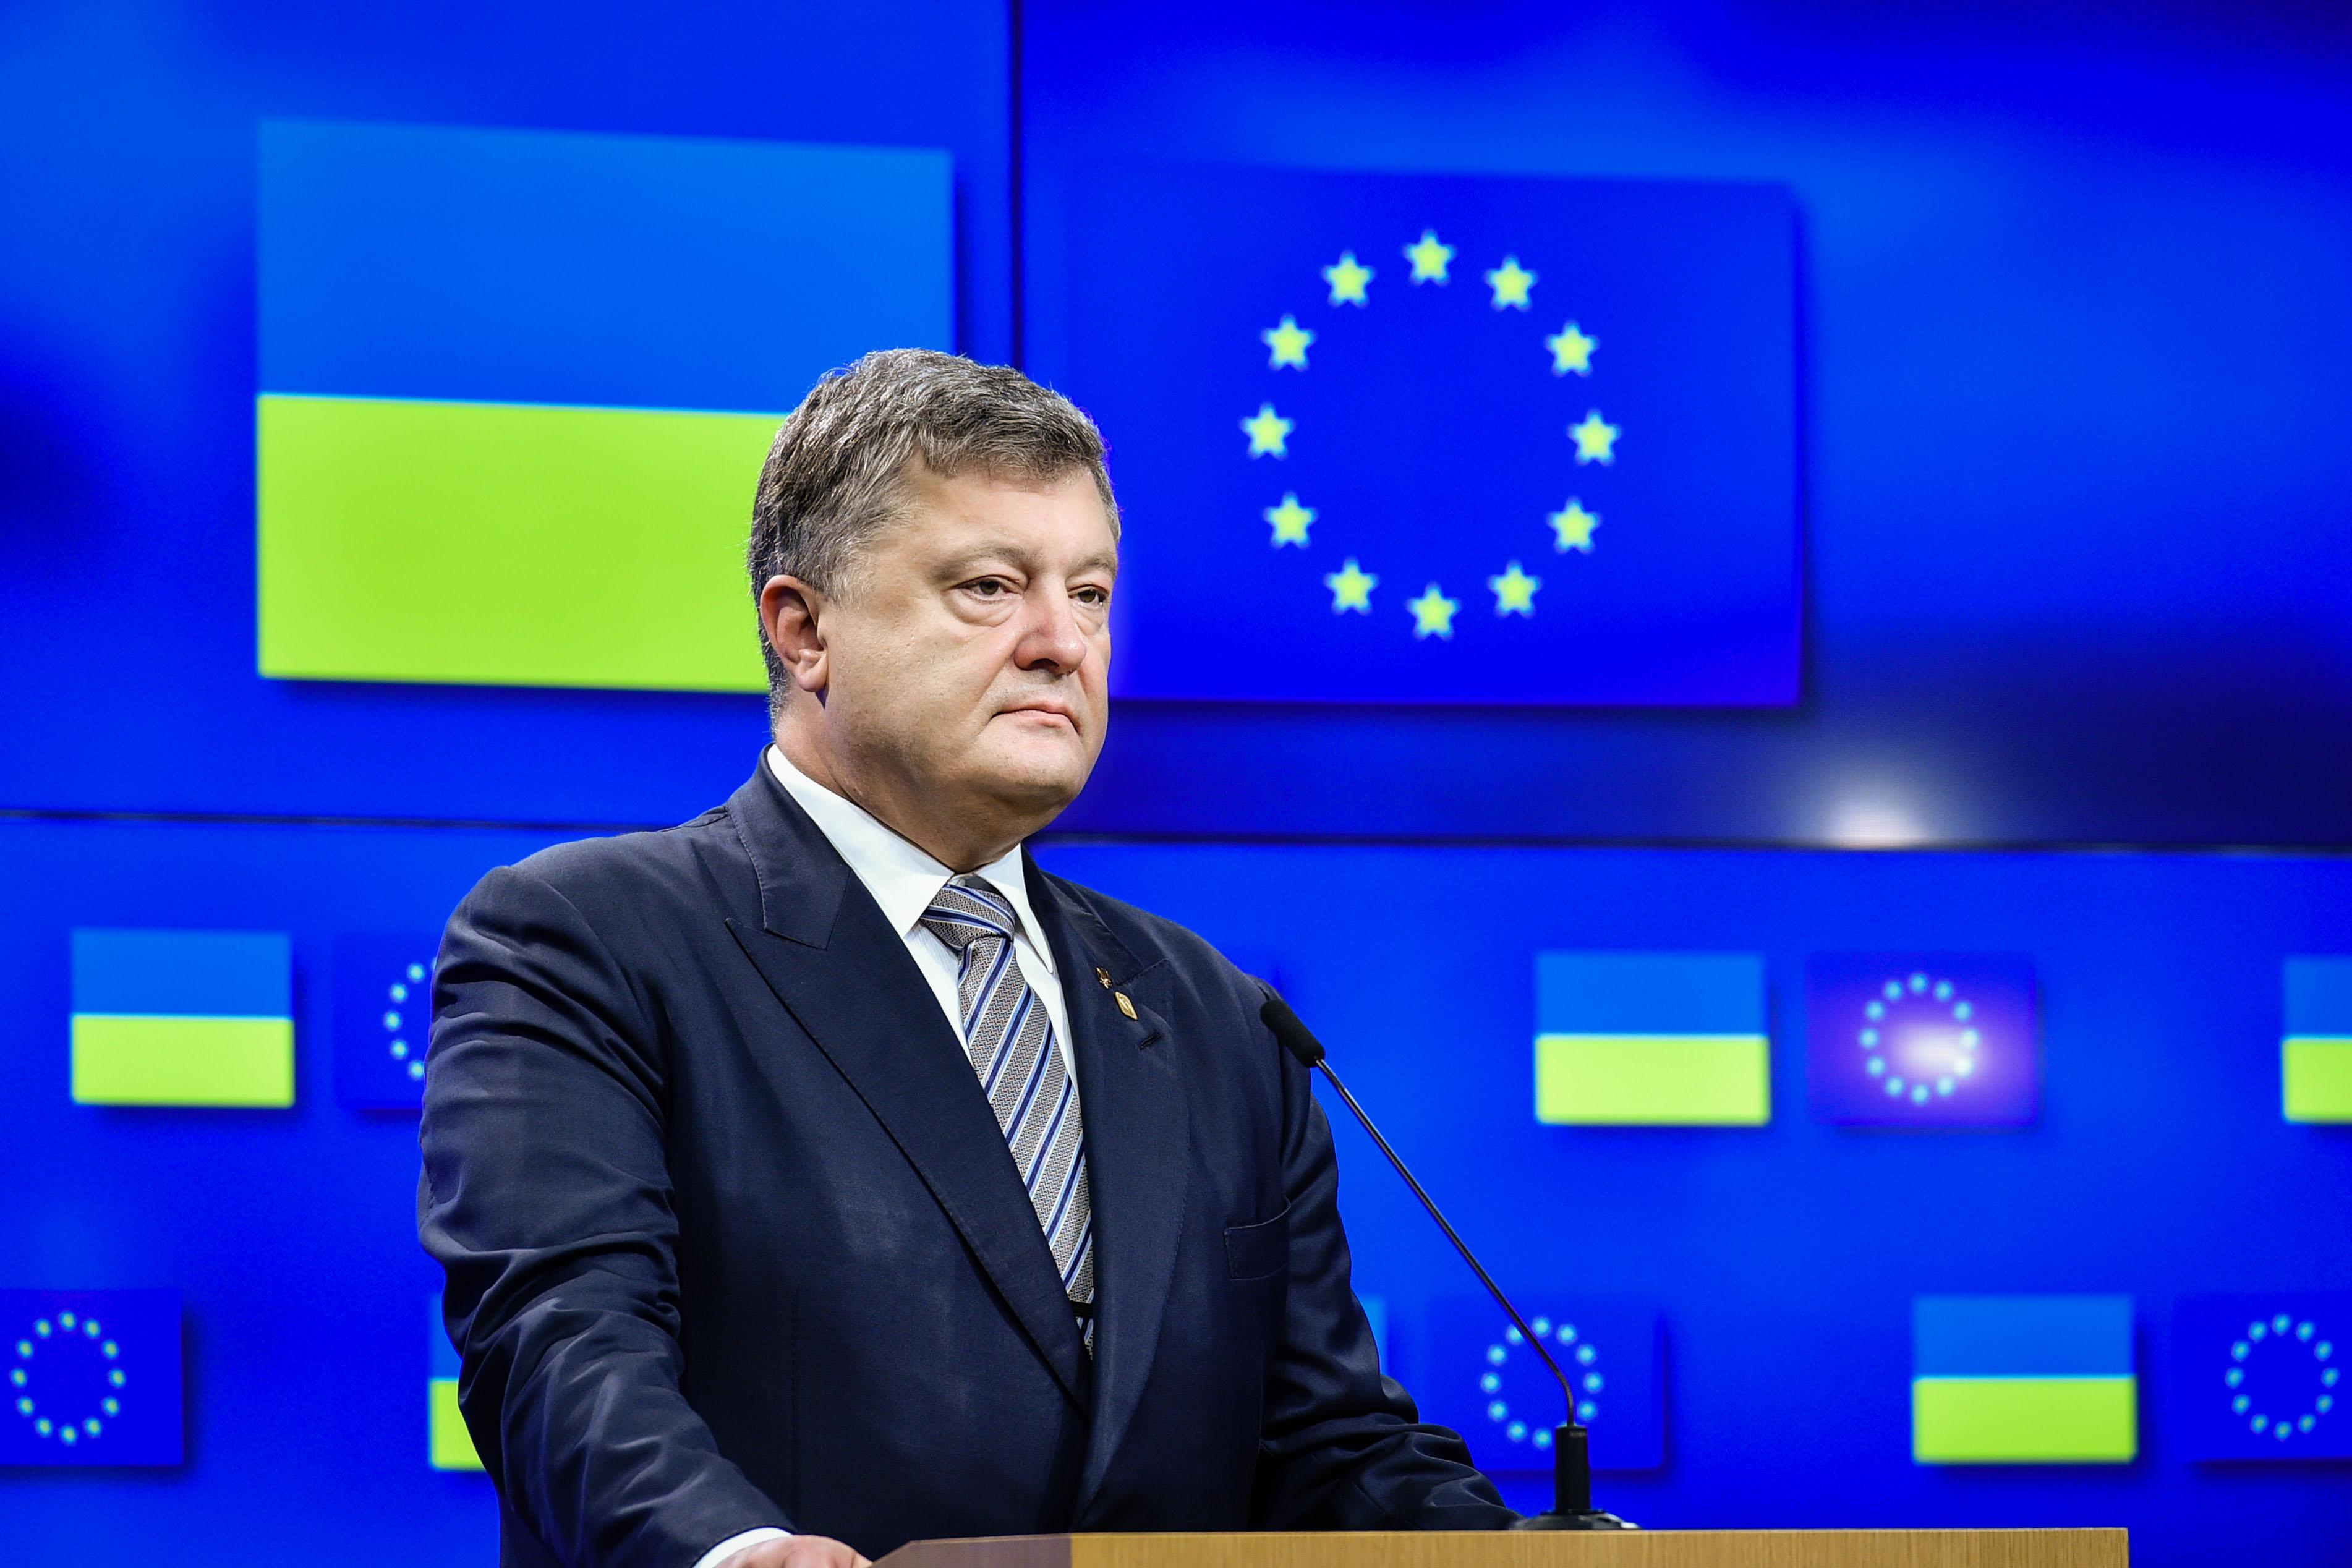 Соседи атакуют! Украина на грани разрыва отношений с ЕС